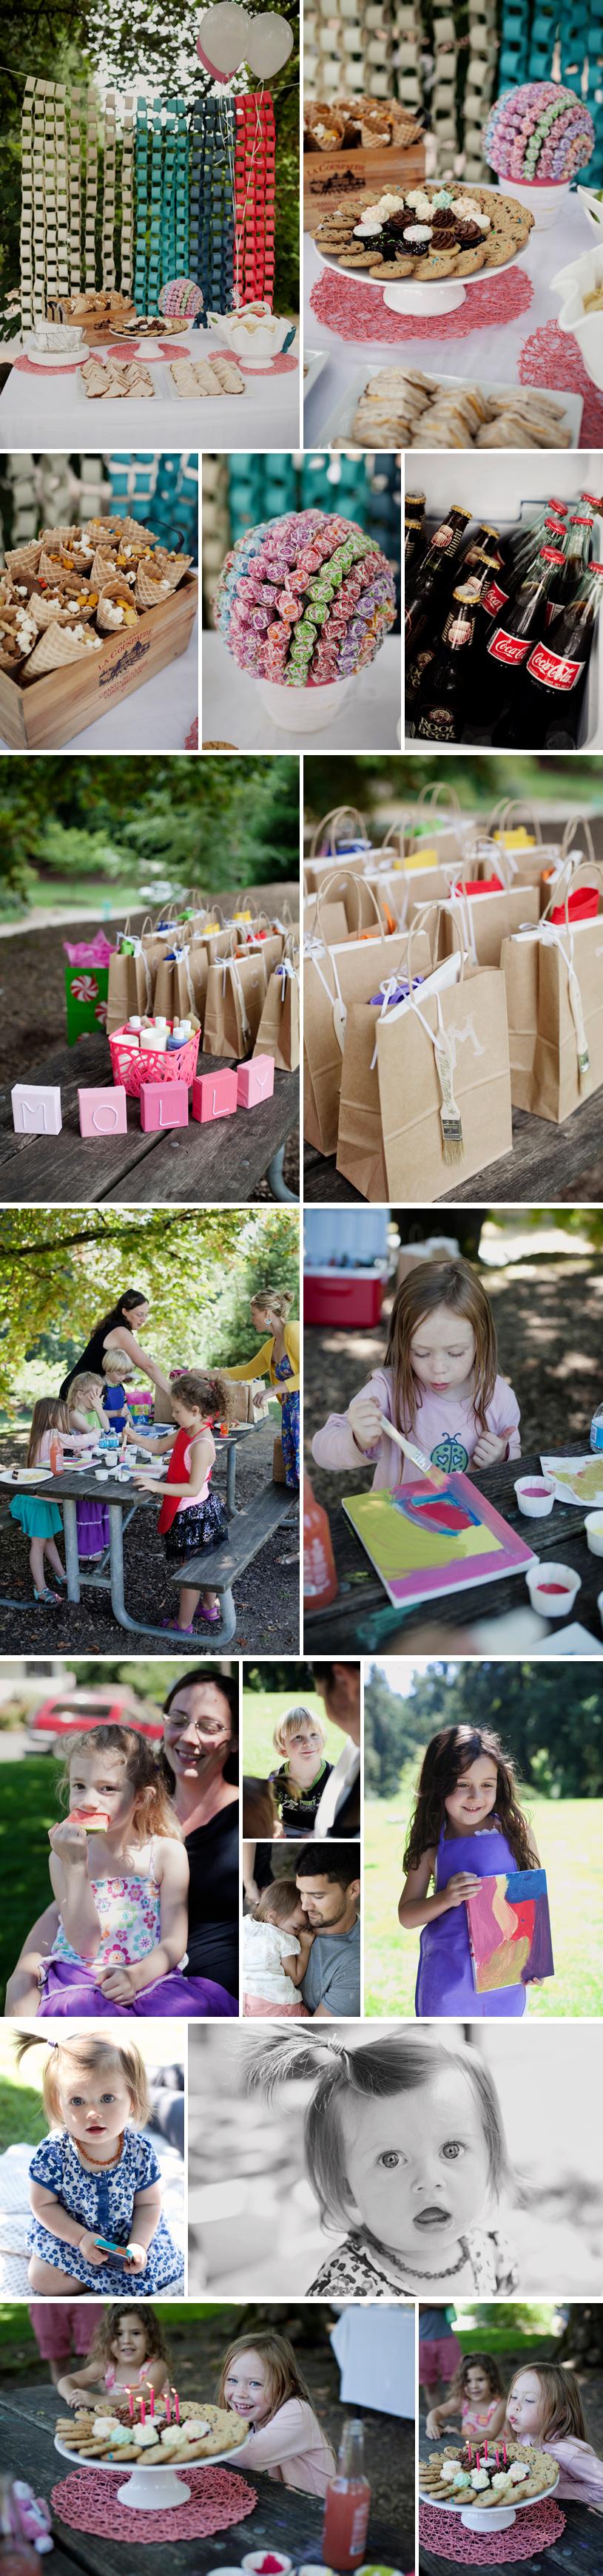 Sara-May-Photography-birthday-park